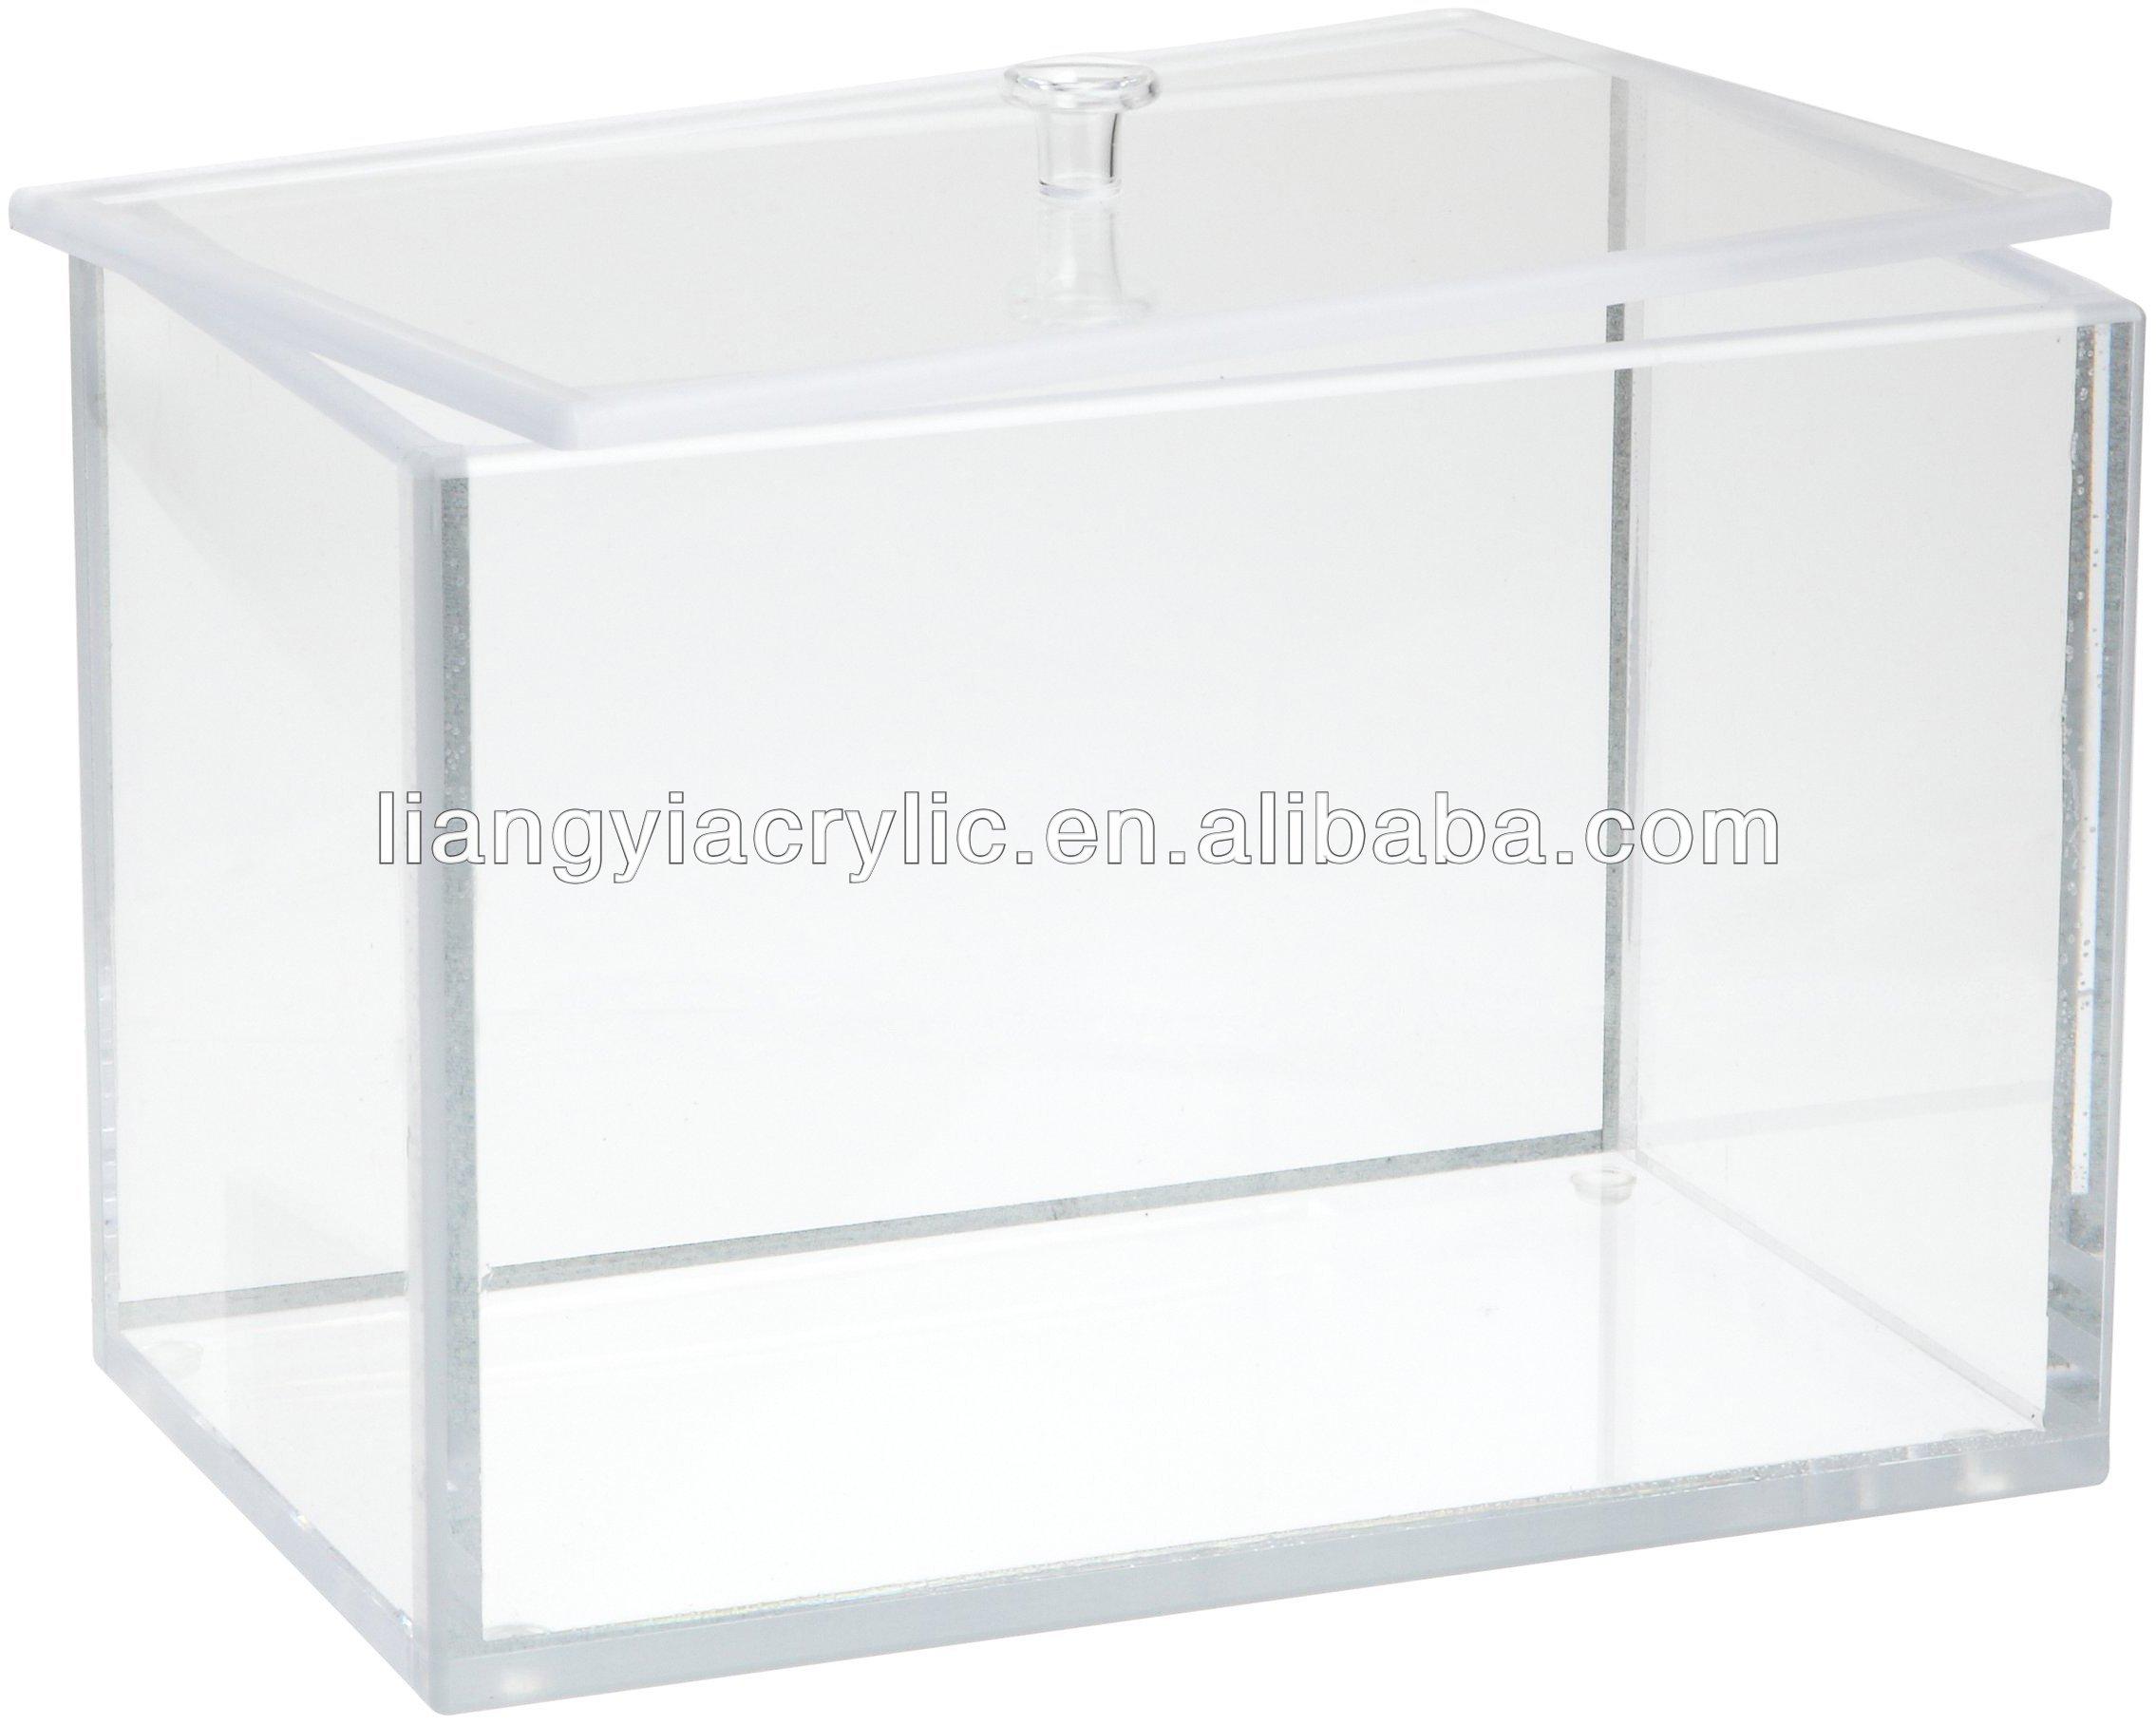 klaren acryl aufbewahrungsbox mit deckel fabrik speicherkasten und beh lter produkt id. Black Bedroom Furniture Sets. Home Design Ideas